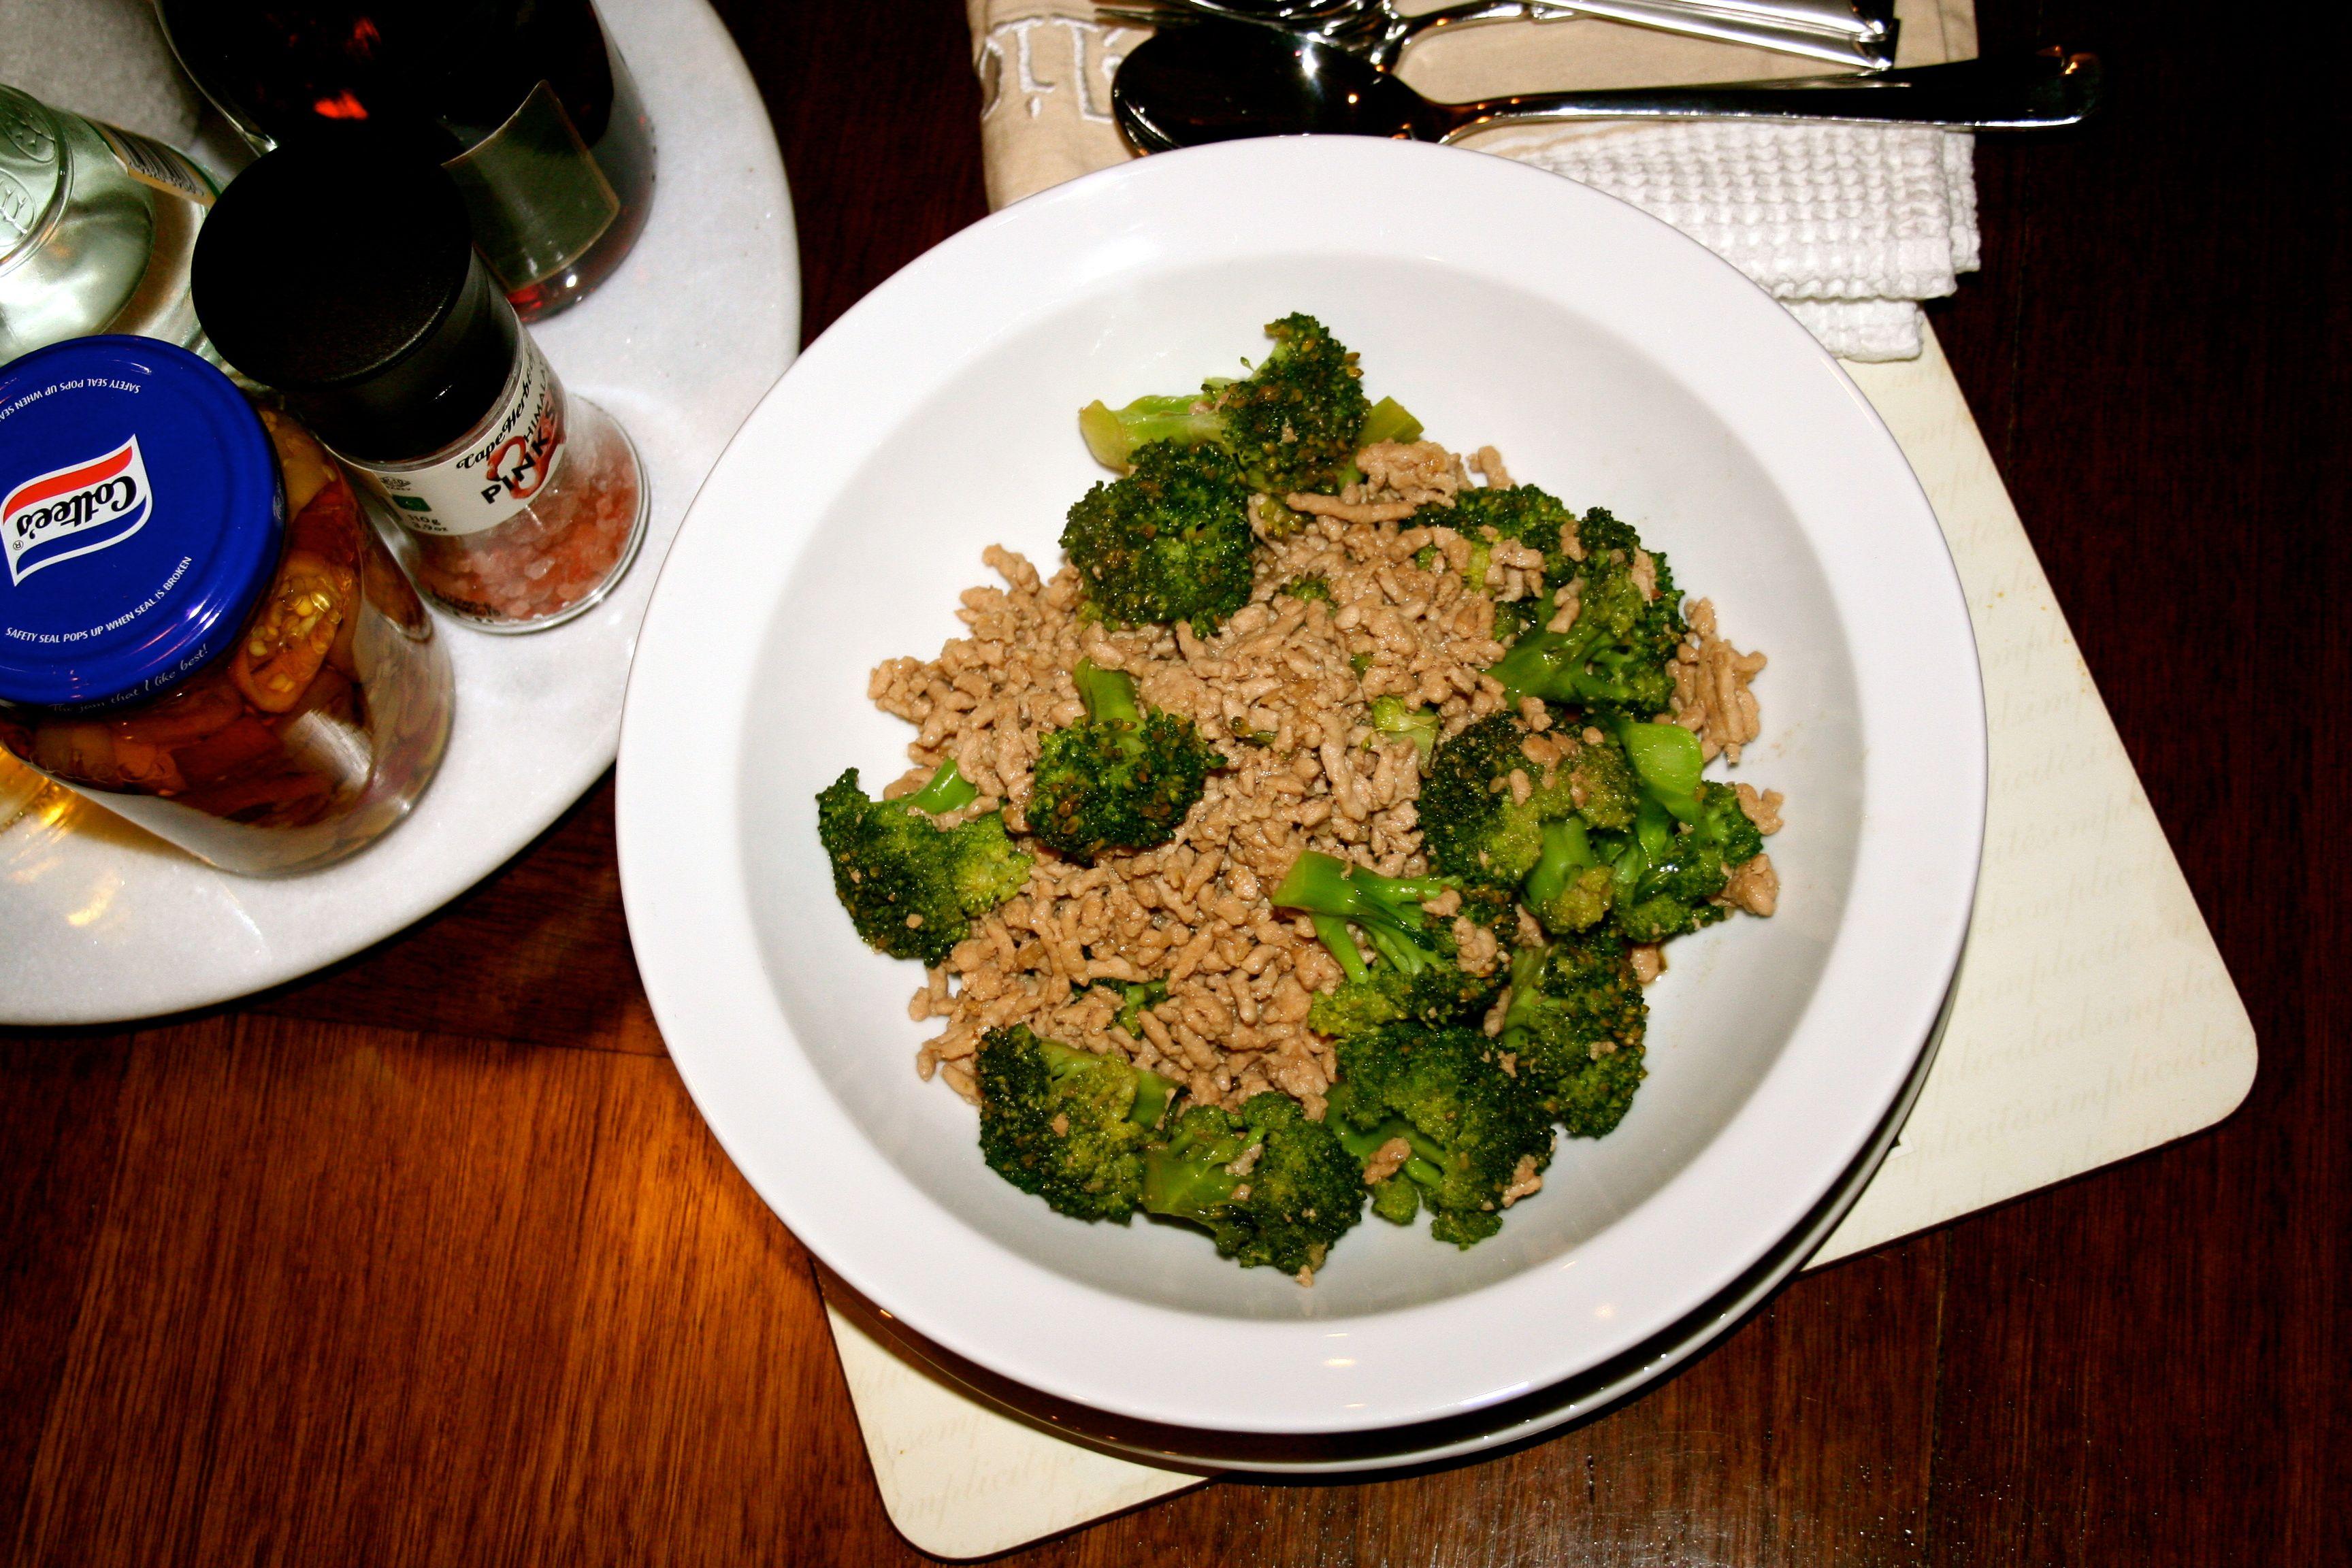 Resep Brokoli Cah Bawang Putih Resep Masakan Dapur Arie Resep Resep Masakan Indonesia Brokoli Resep Masakan